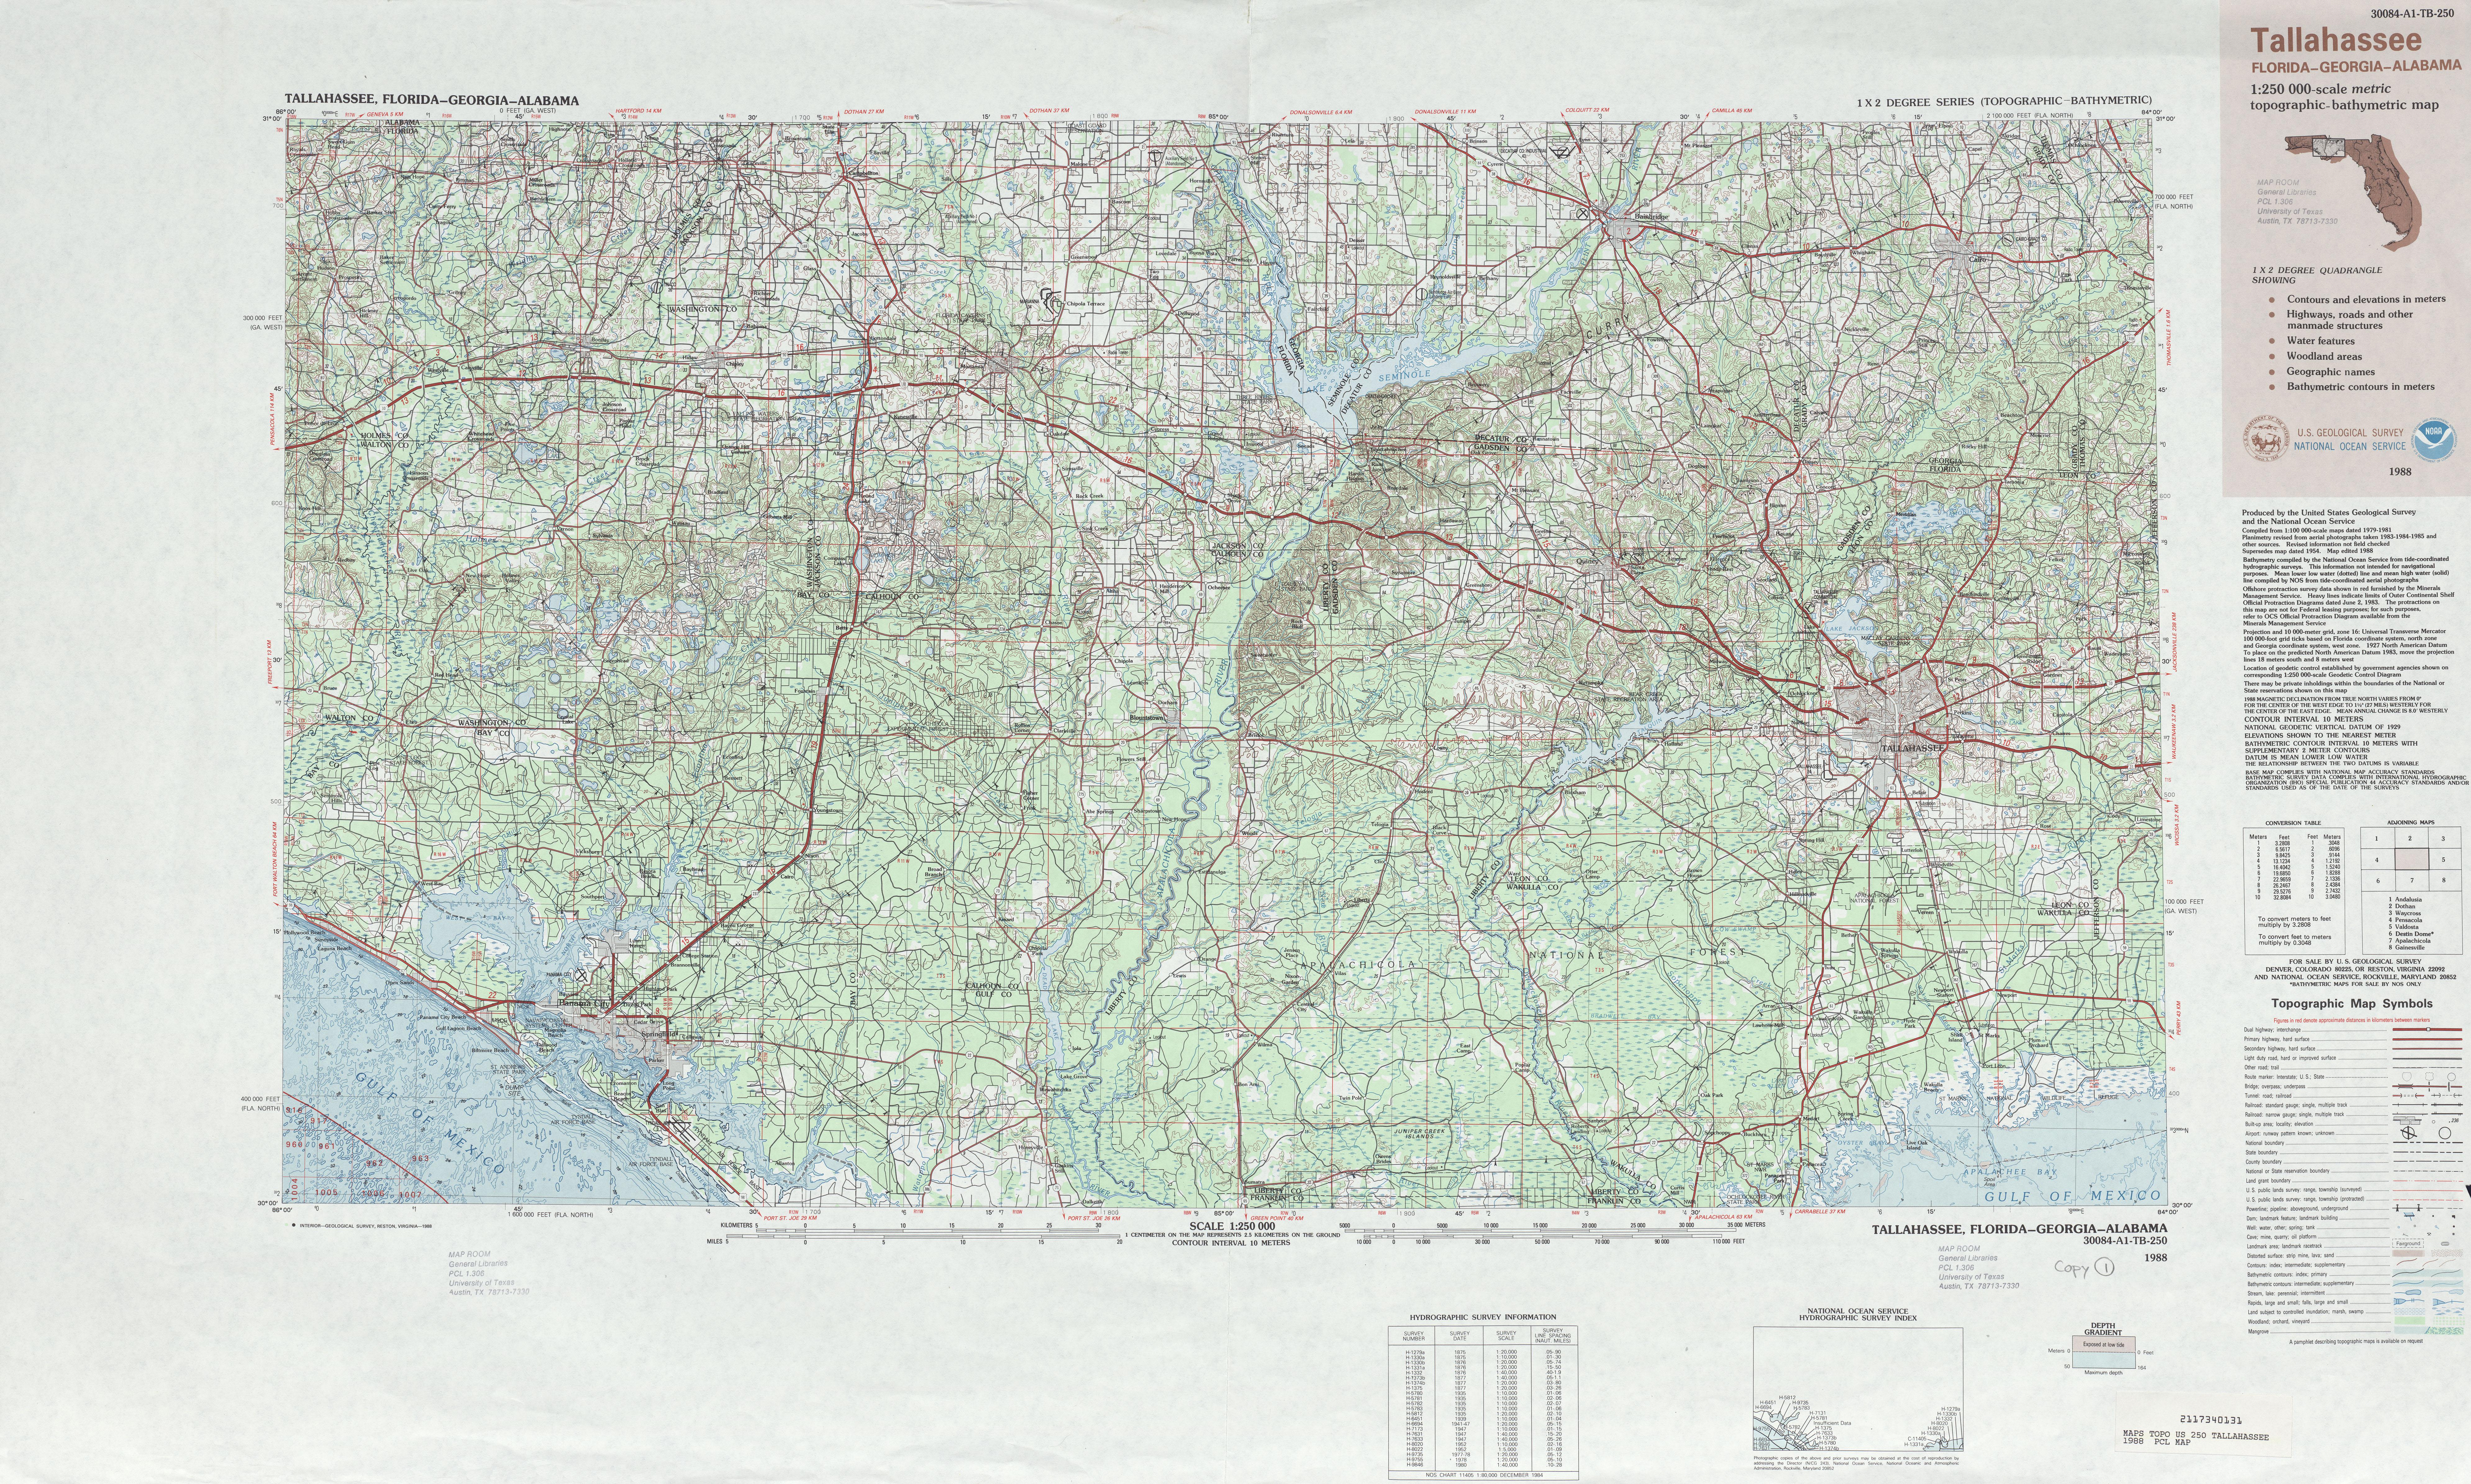 Hoja Tallahassee  Mapa Topográfico de-Batimétrico, Estados Unidos 1988